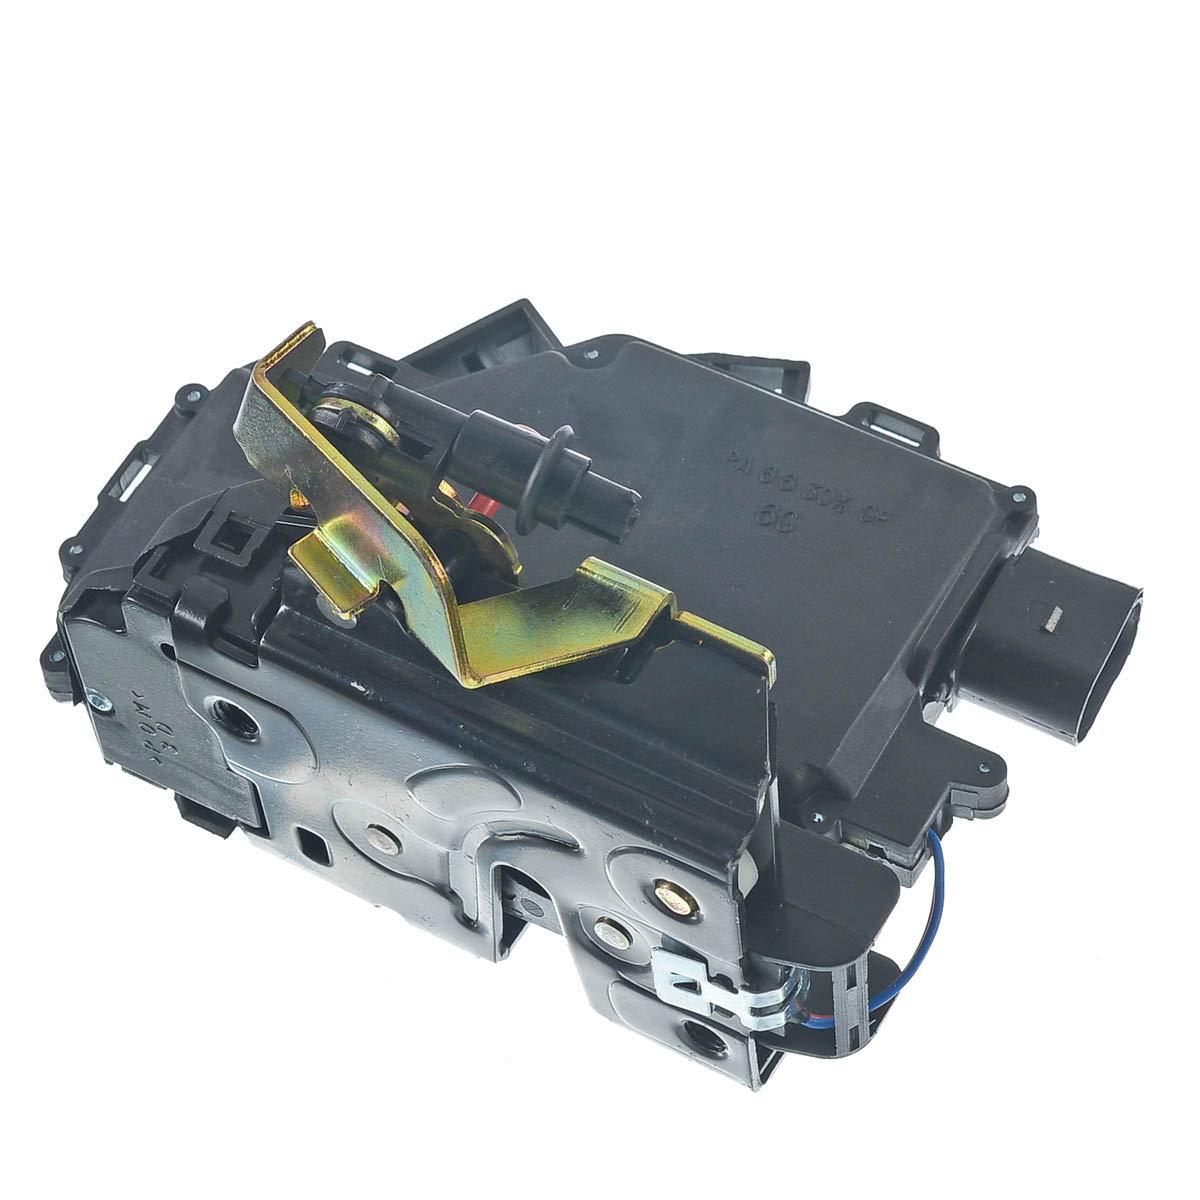 C5/bj 1997/ Motor de nivelaci/ón para puerta cerradura Candado para puerta trasera derecha para A6/Allroad A6/Avant 4B C5/4B2 /2005 C5/4BH